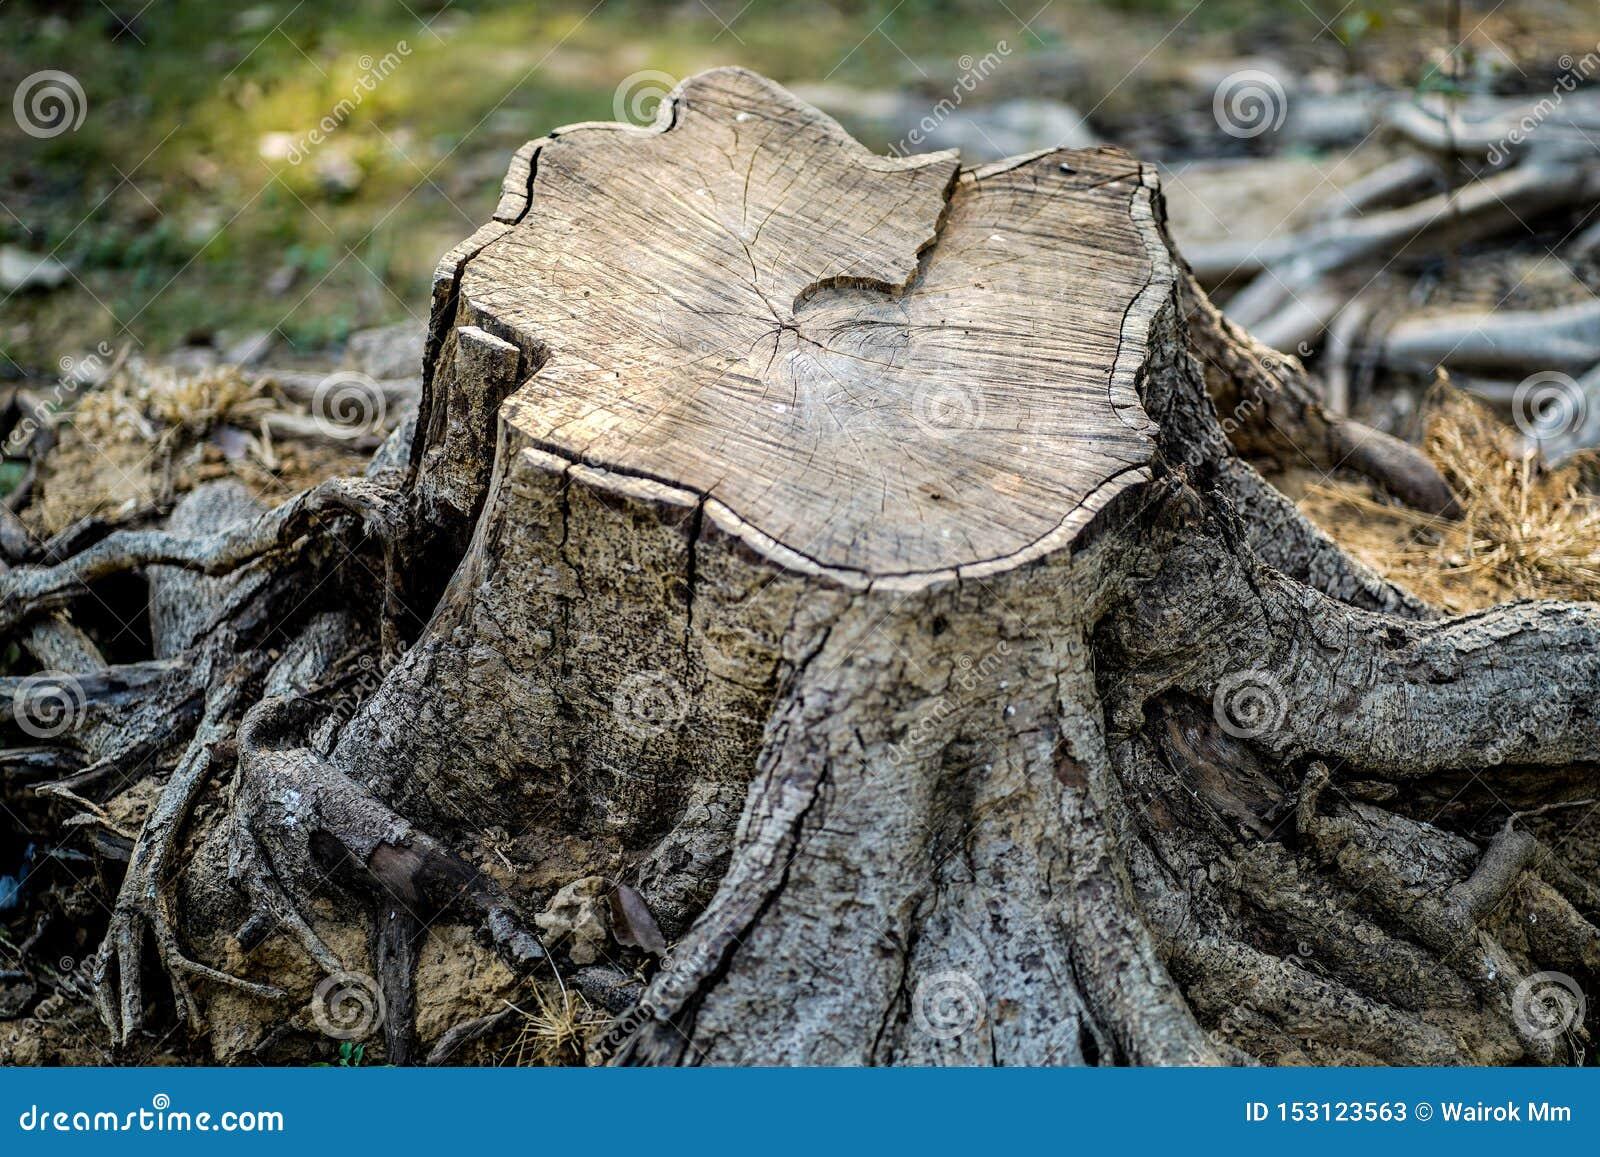 Skogsavverkning - räddninglock, så att vår nästa generation kan få luft för fritt